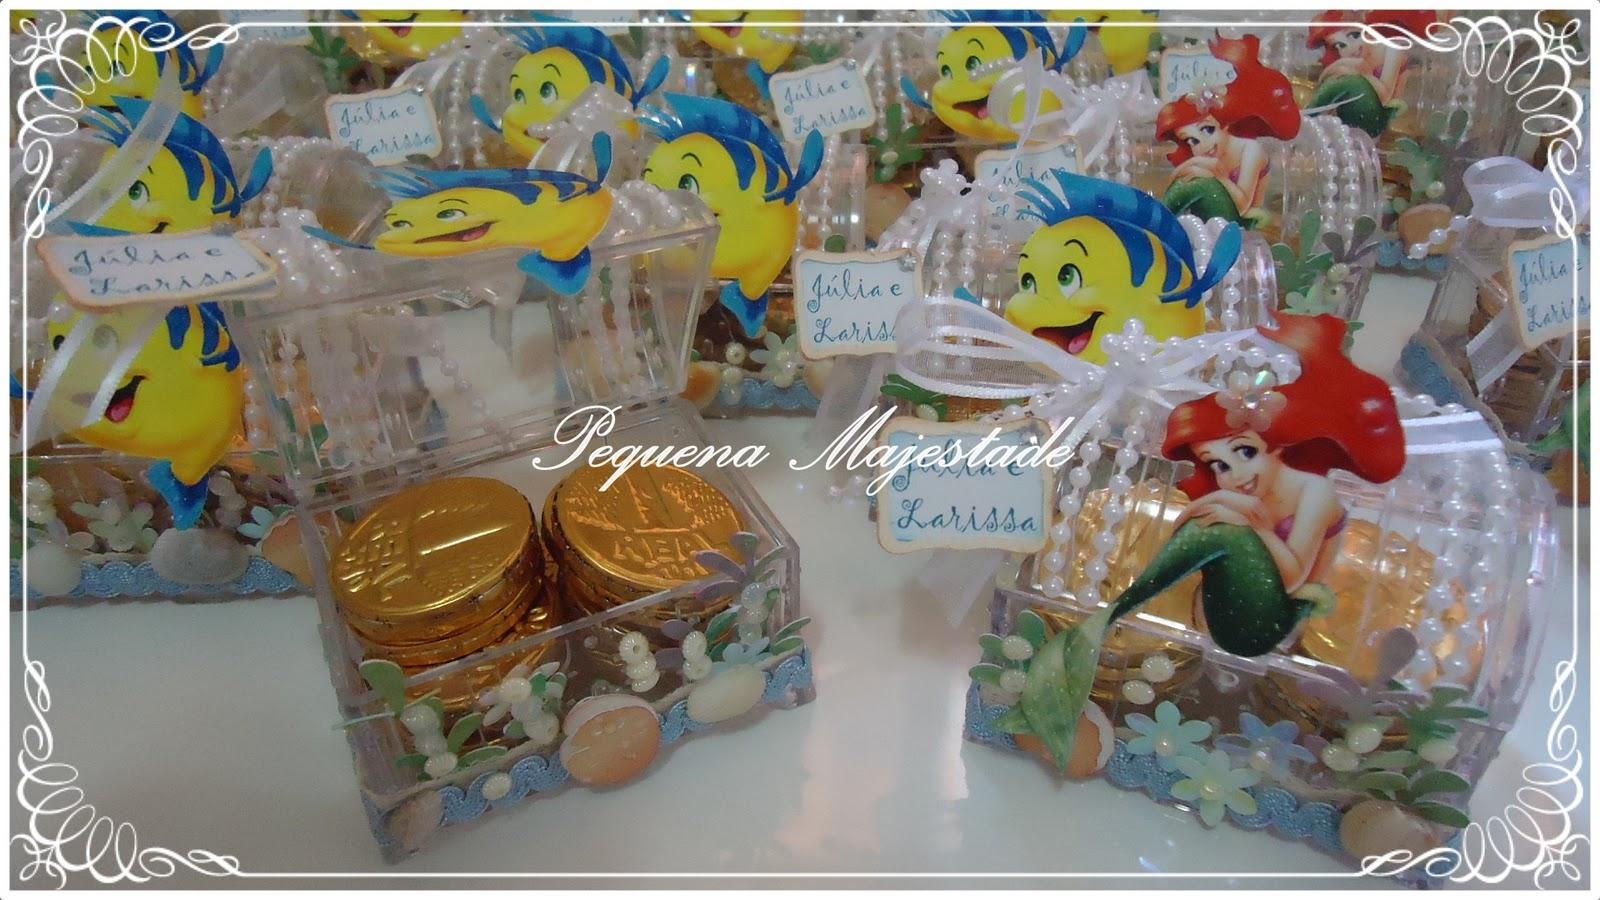 Pequena majestade festa pequena sereia ariel - Peceras pequenas decoradas ...